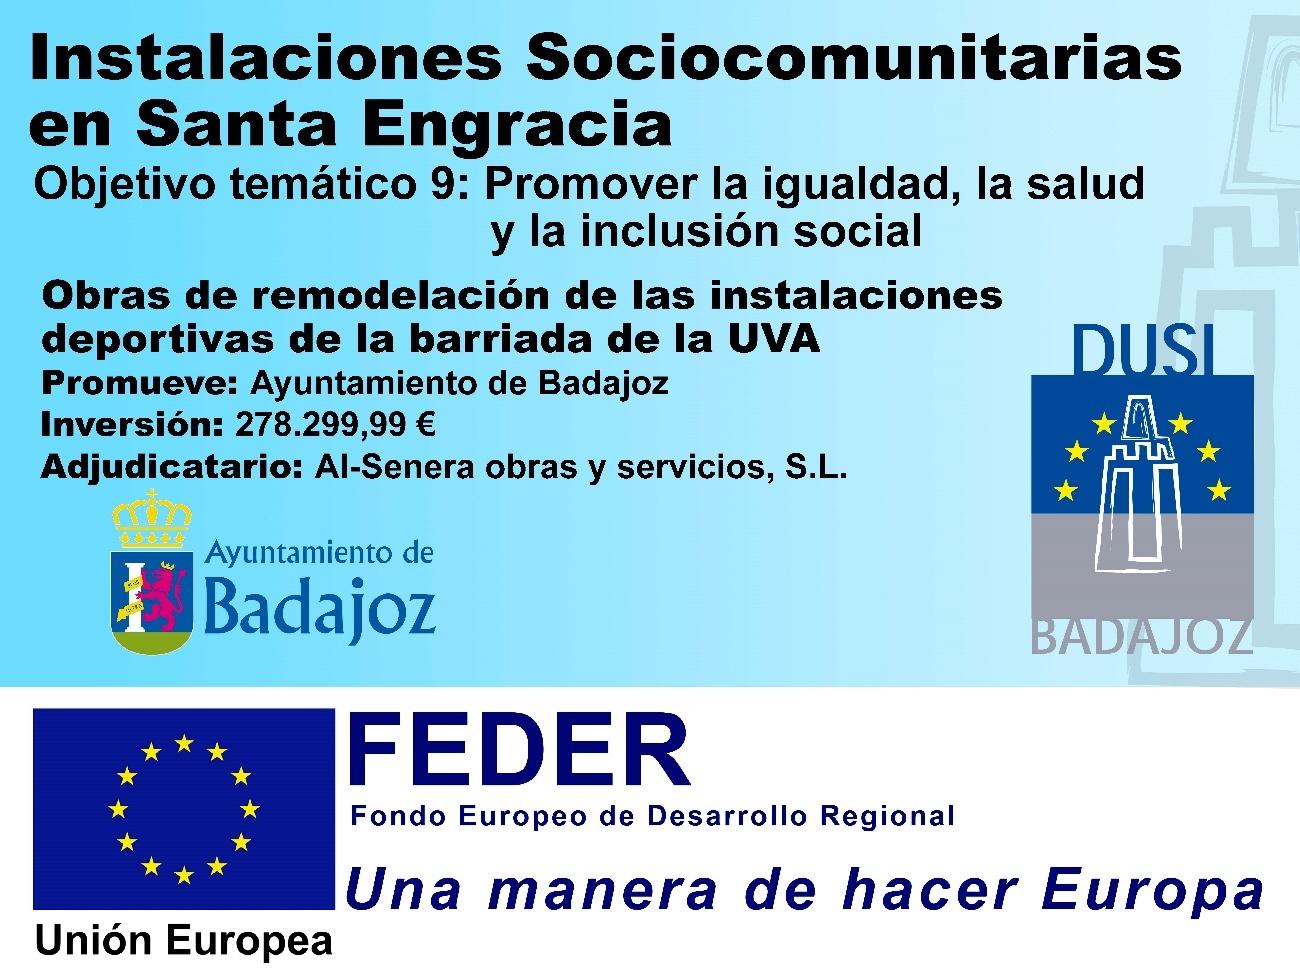 Instalaciones Sociocomunitarias en Santa Engracia.